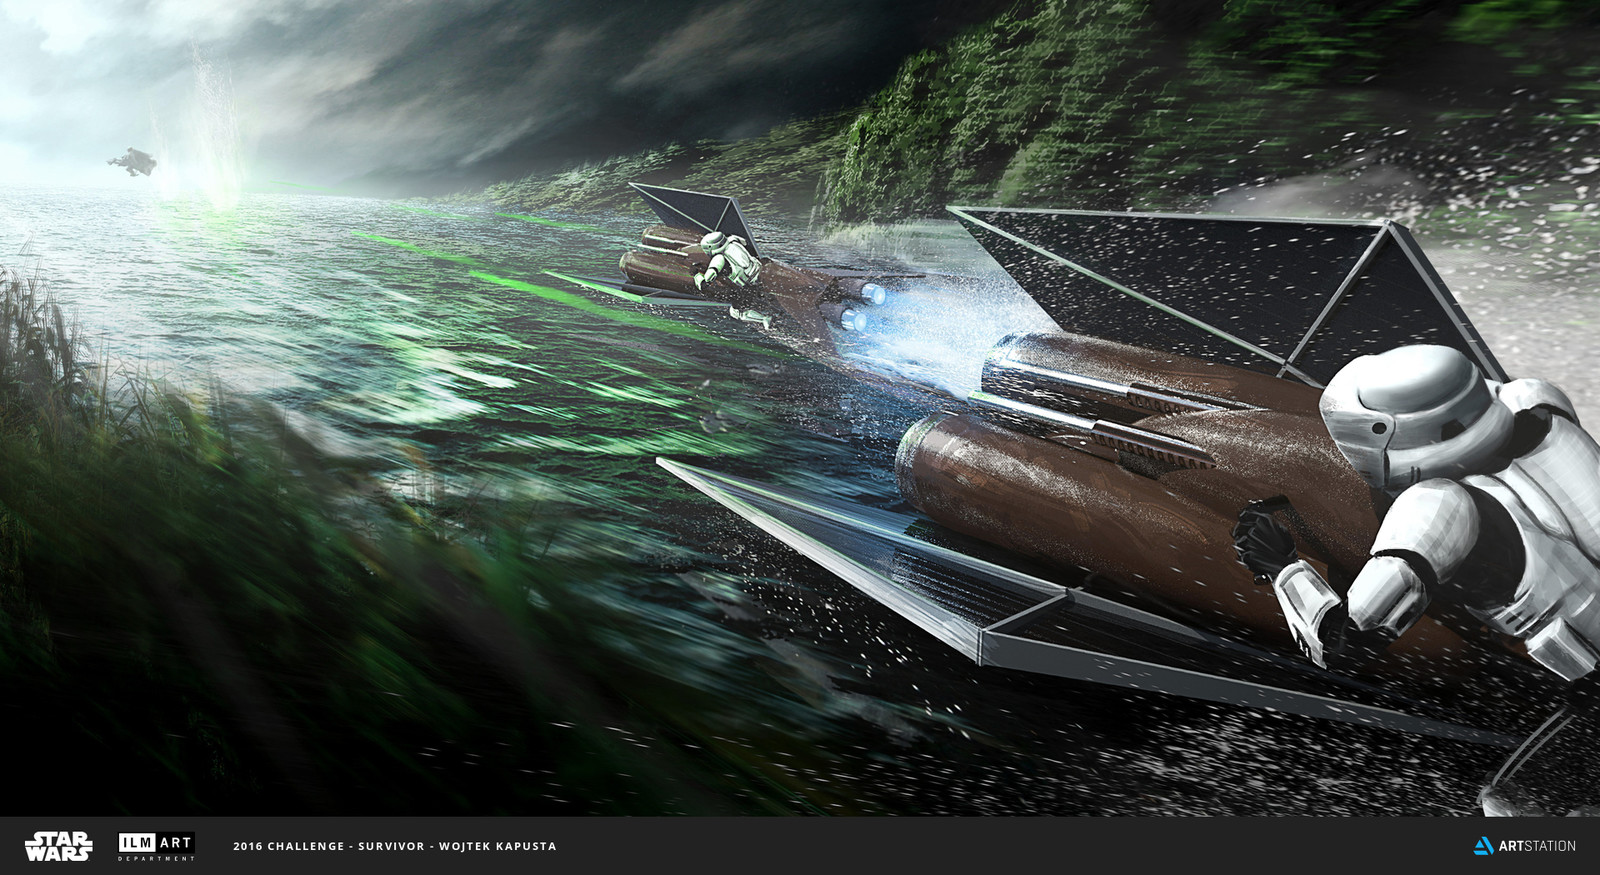 ILM Challenge - the Ride - Water Hazard